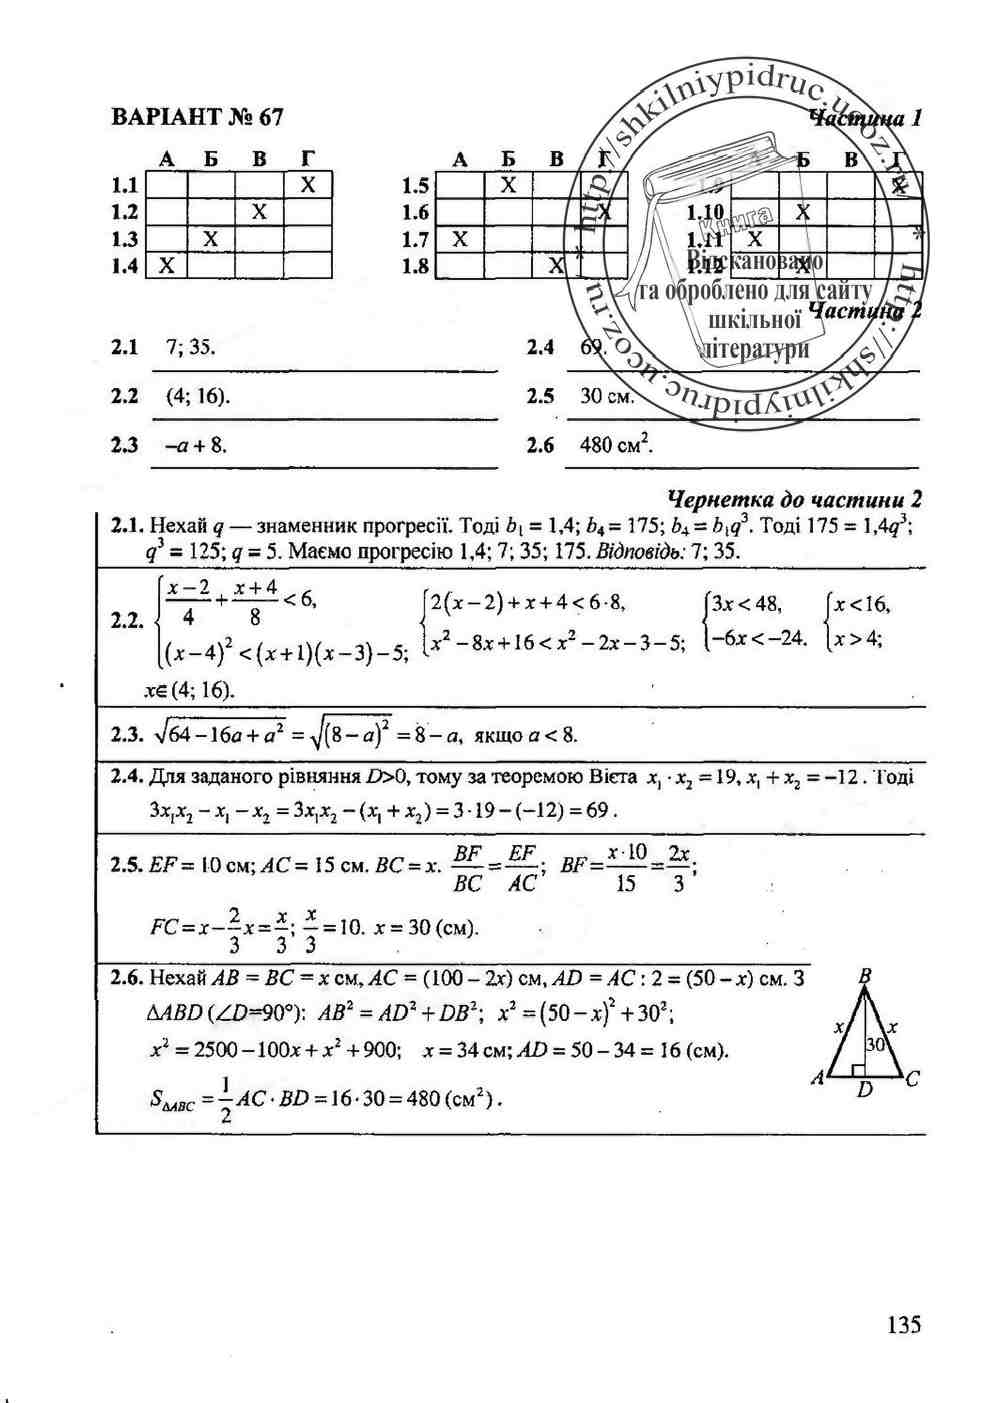 решебники к дпа 9 класс